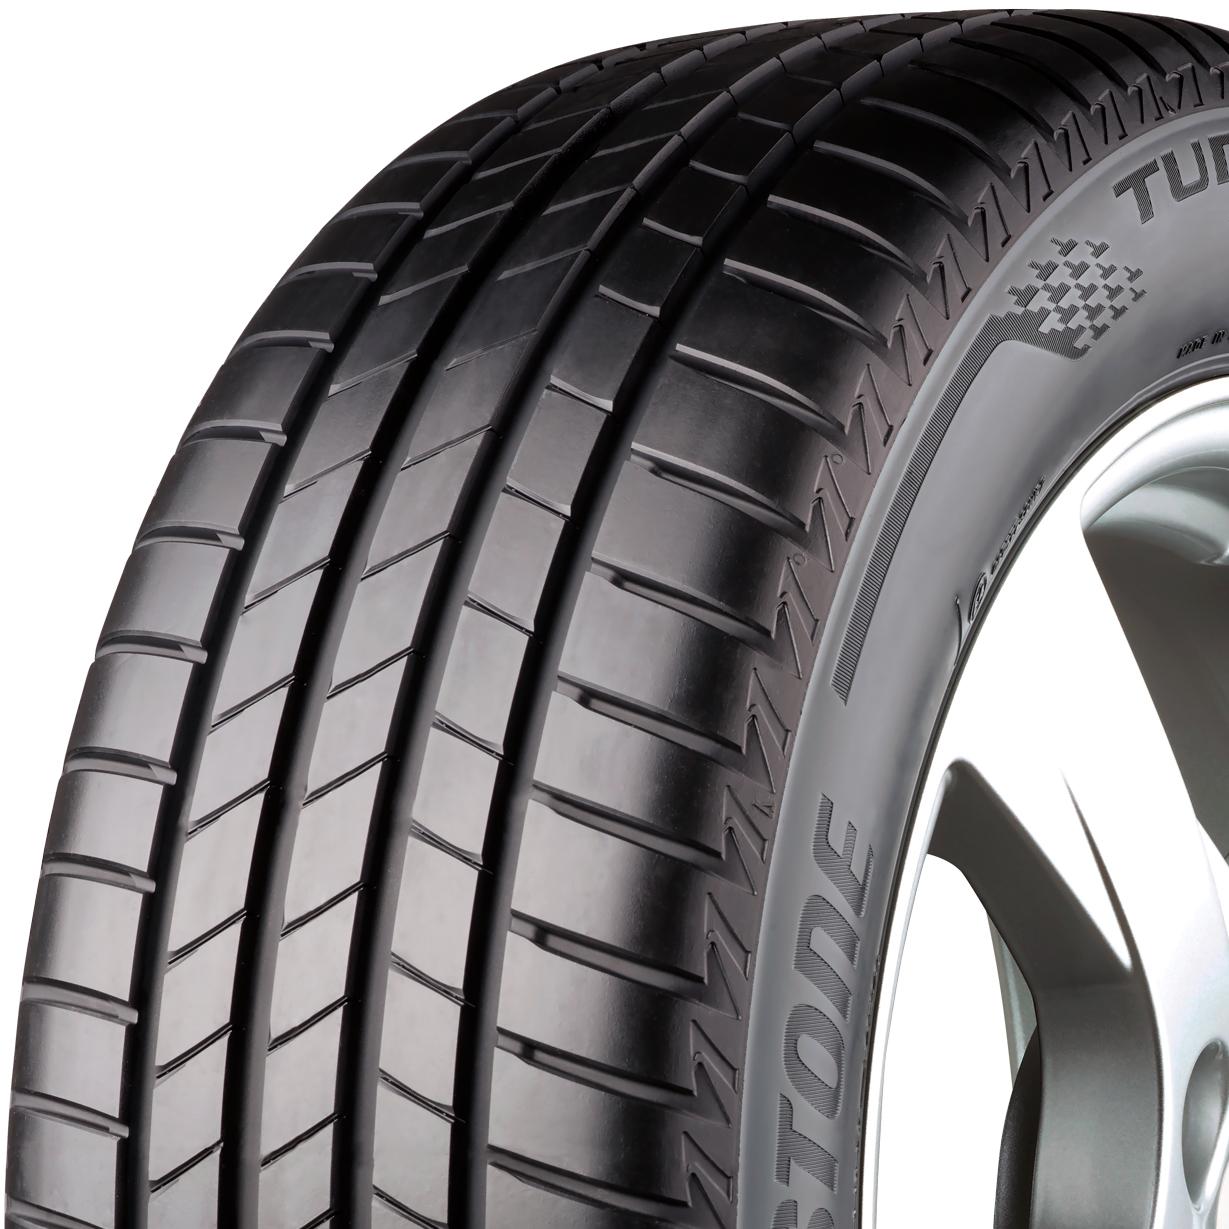 215/50R17 91W, Bridgestone, T-005